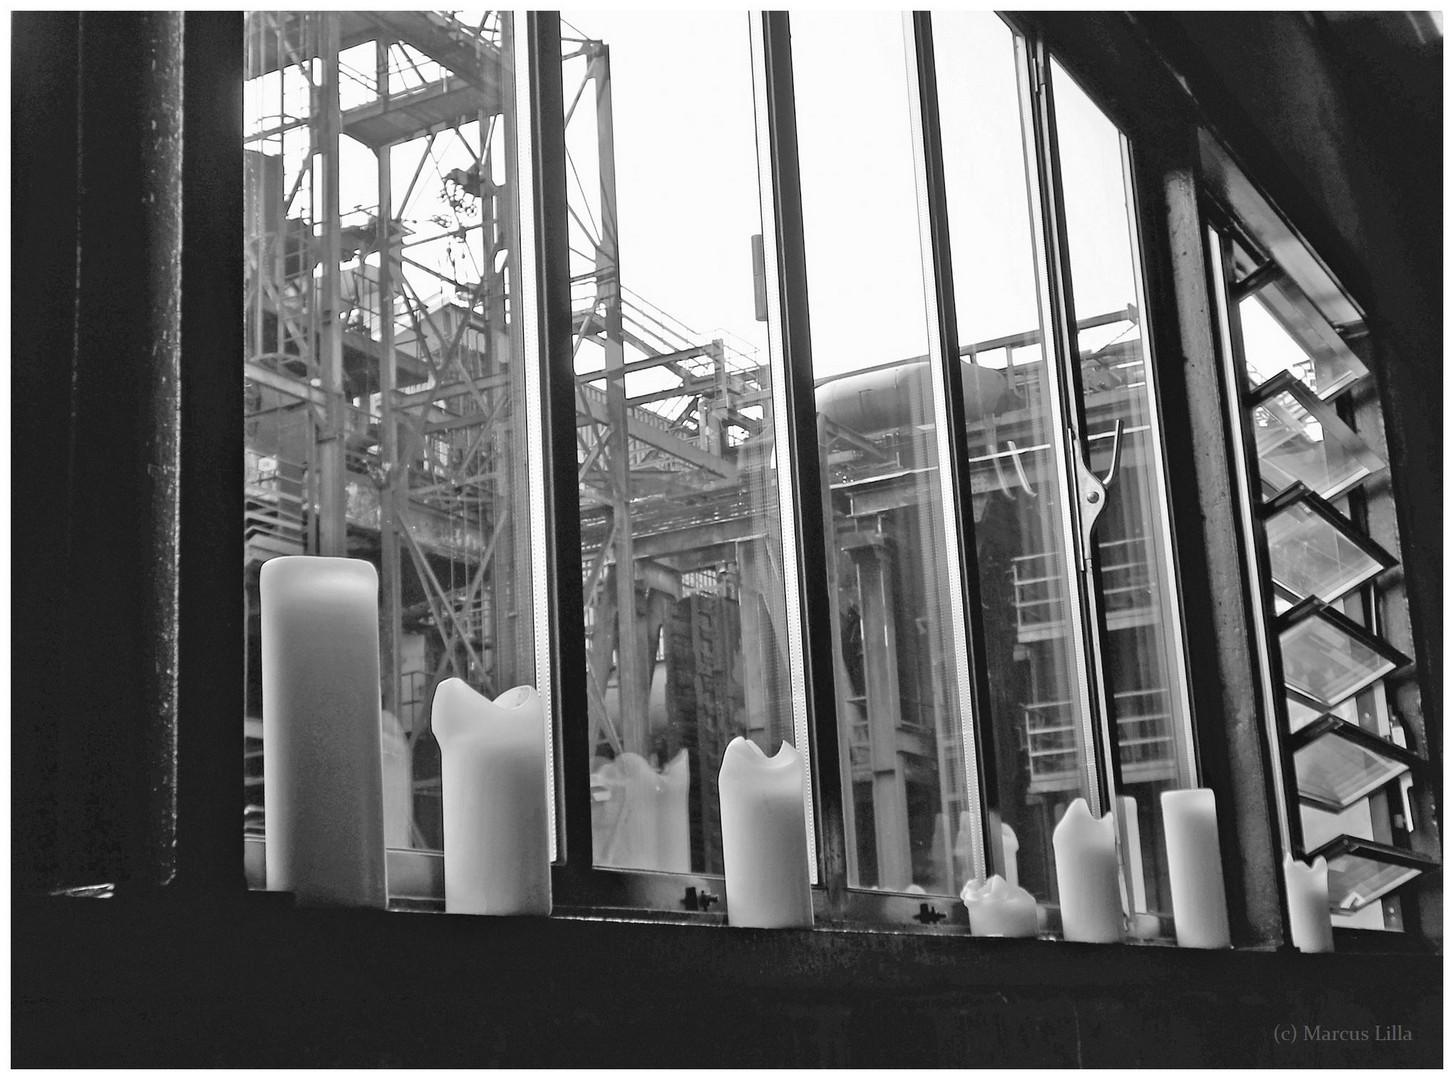 Kokerei der Zeche Zollverein, Essen #3